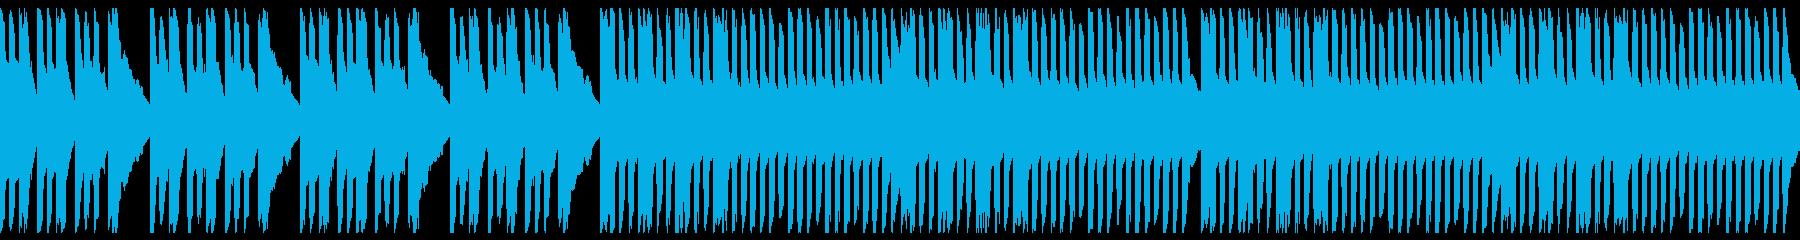 コミカルな楽しいレトロゲーム風のBGMの再生済みの波形